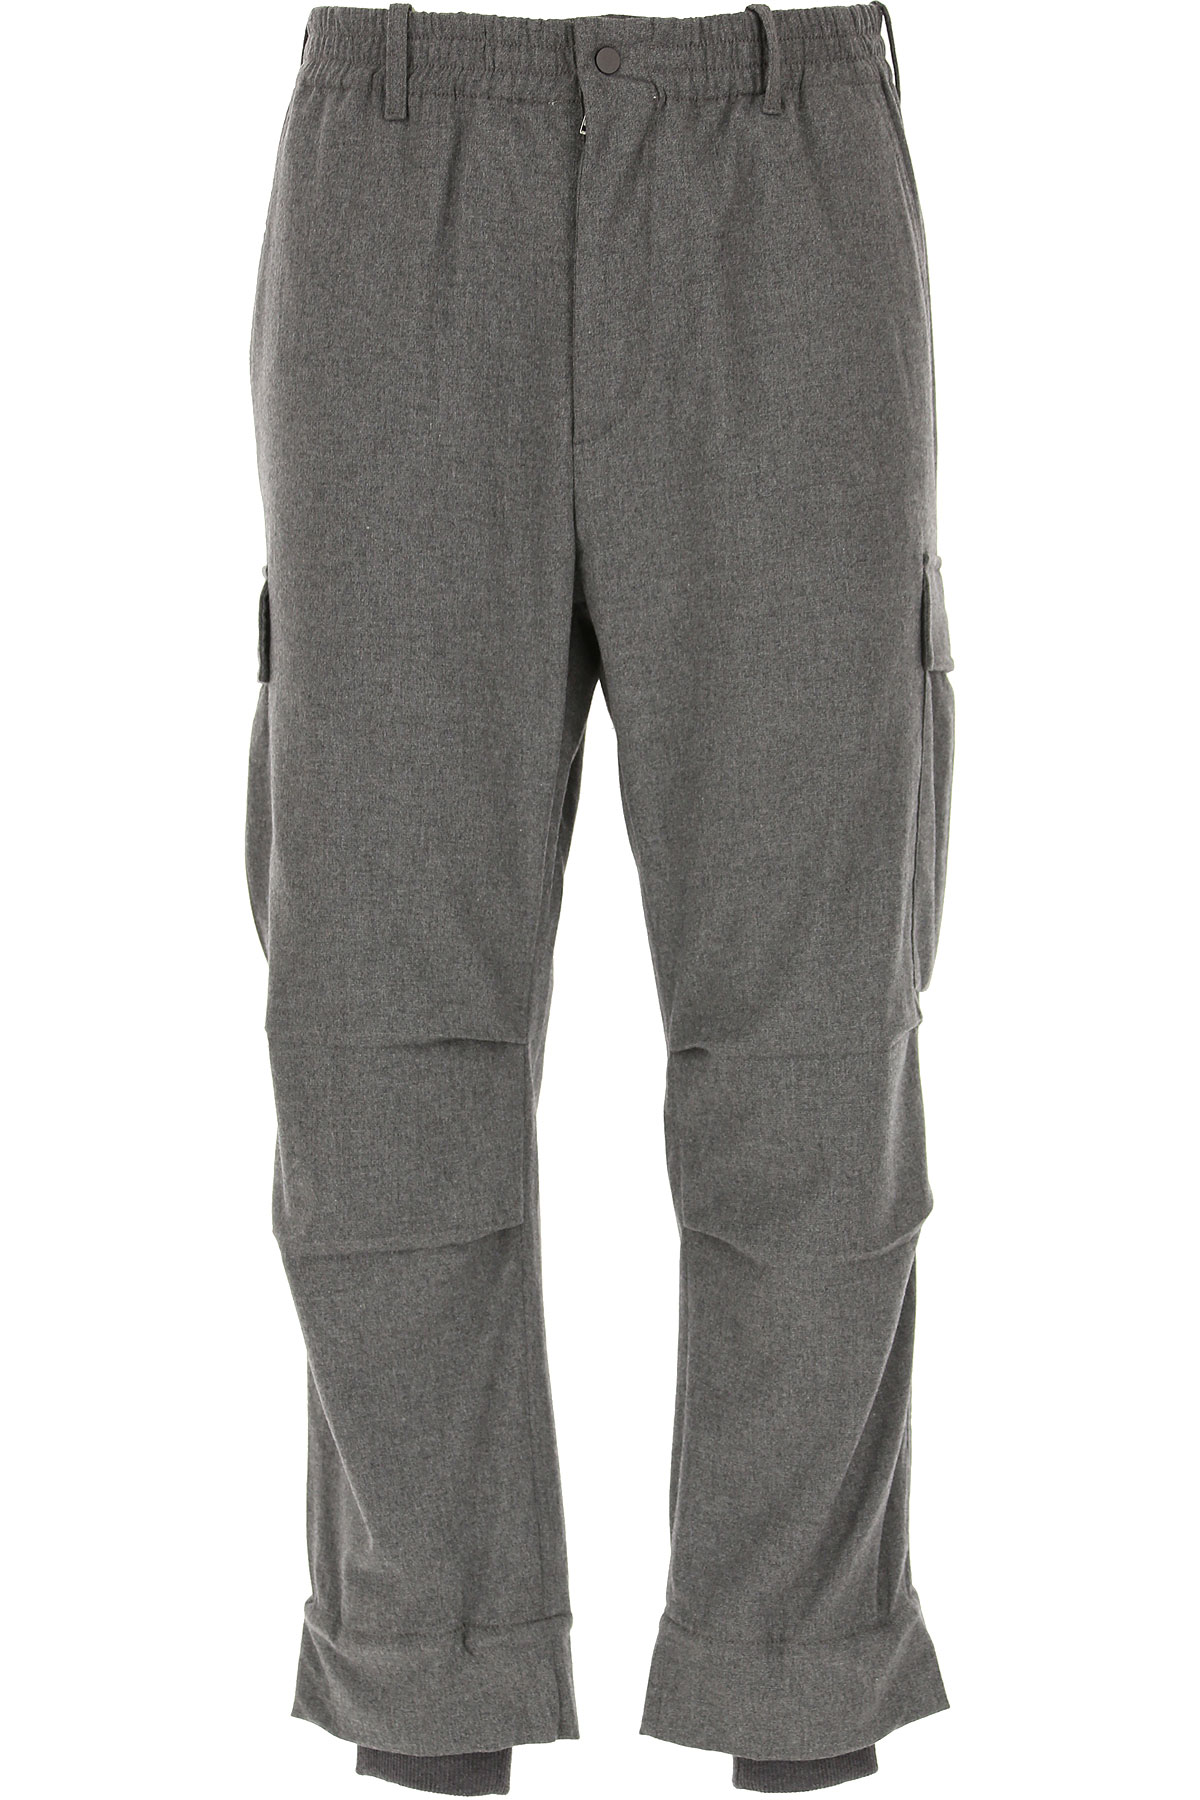 Maison Flaneur Pants for Men On Sale, Medium Grey, Viscose, 2019, 32 34 36